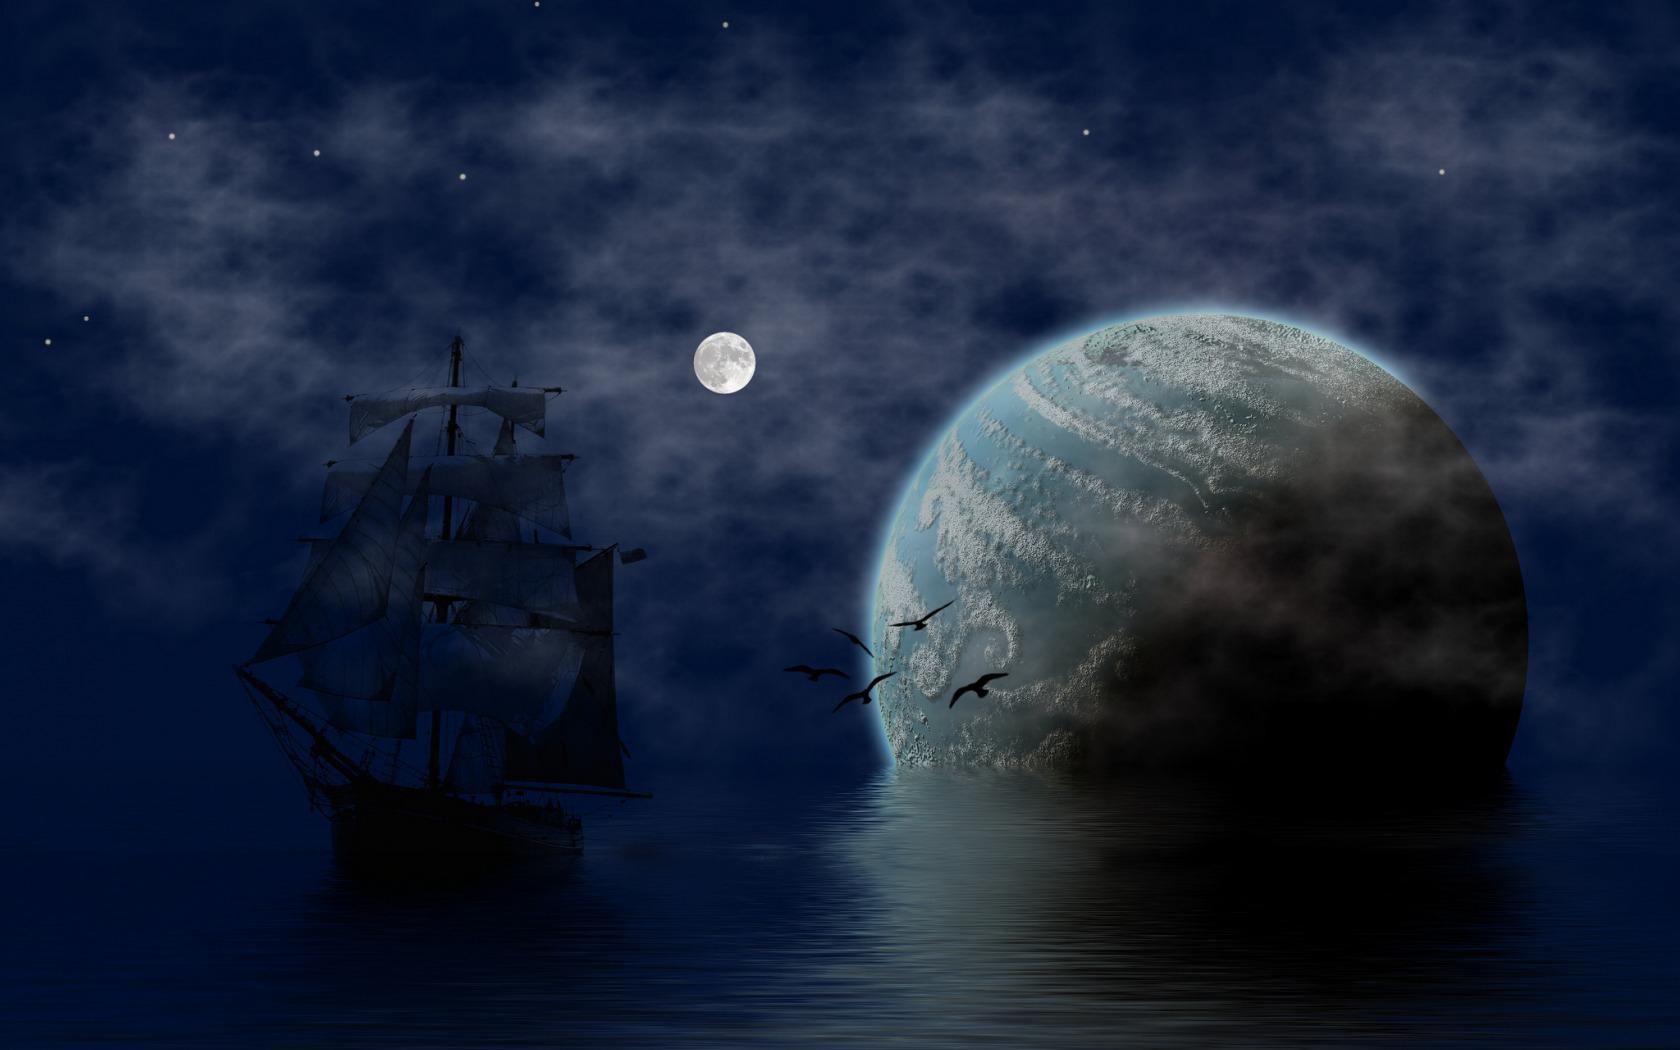 обои для рабочего стола корабли ночь № 455755 без смс